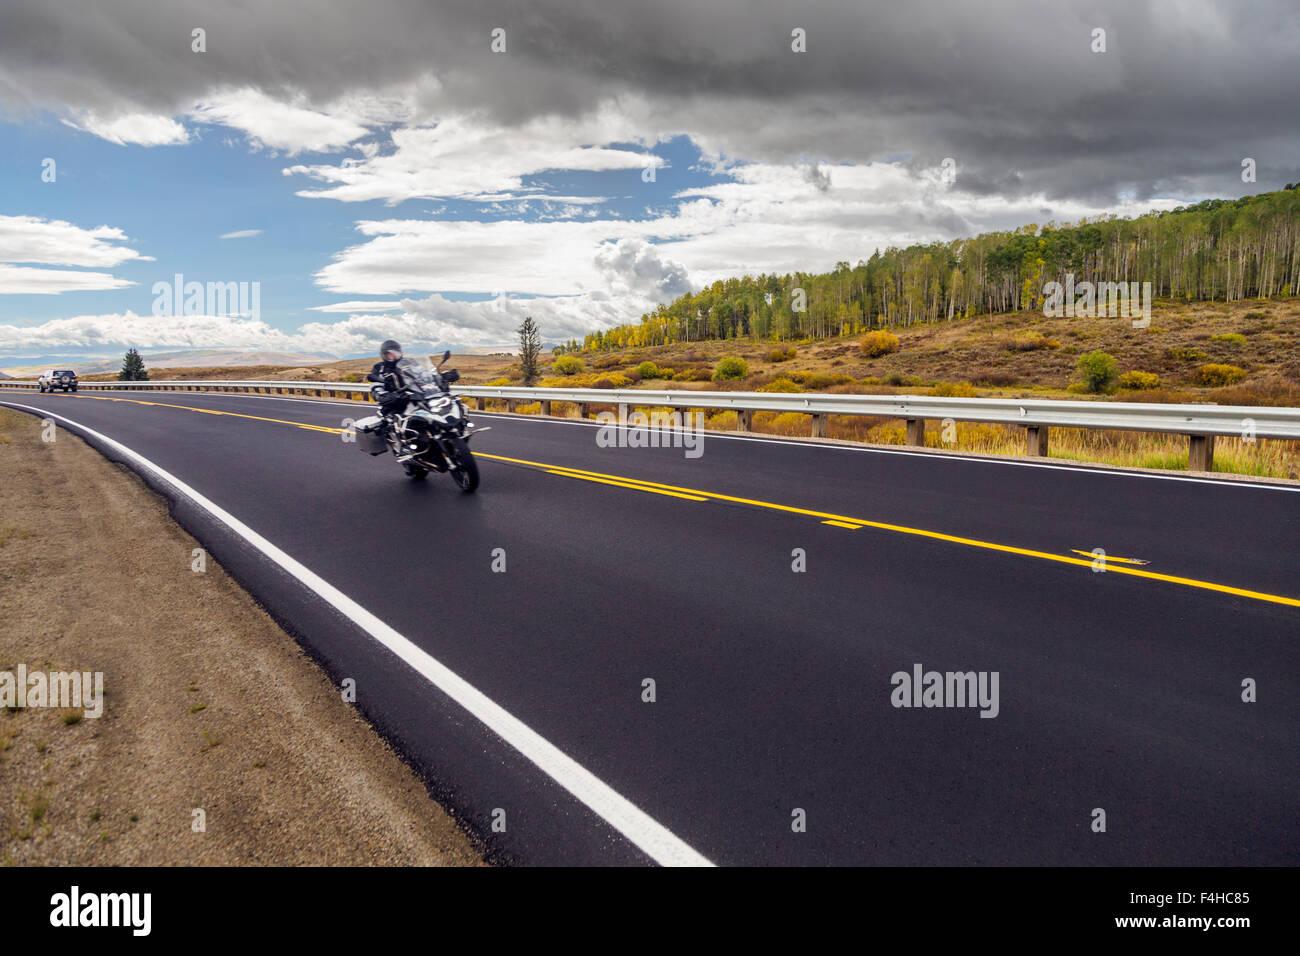 Endoso de motocicleta en carretera pavimentada; Highway 40; Norte Central de Colorado, EE.UU. Imagen De Stock